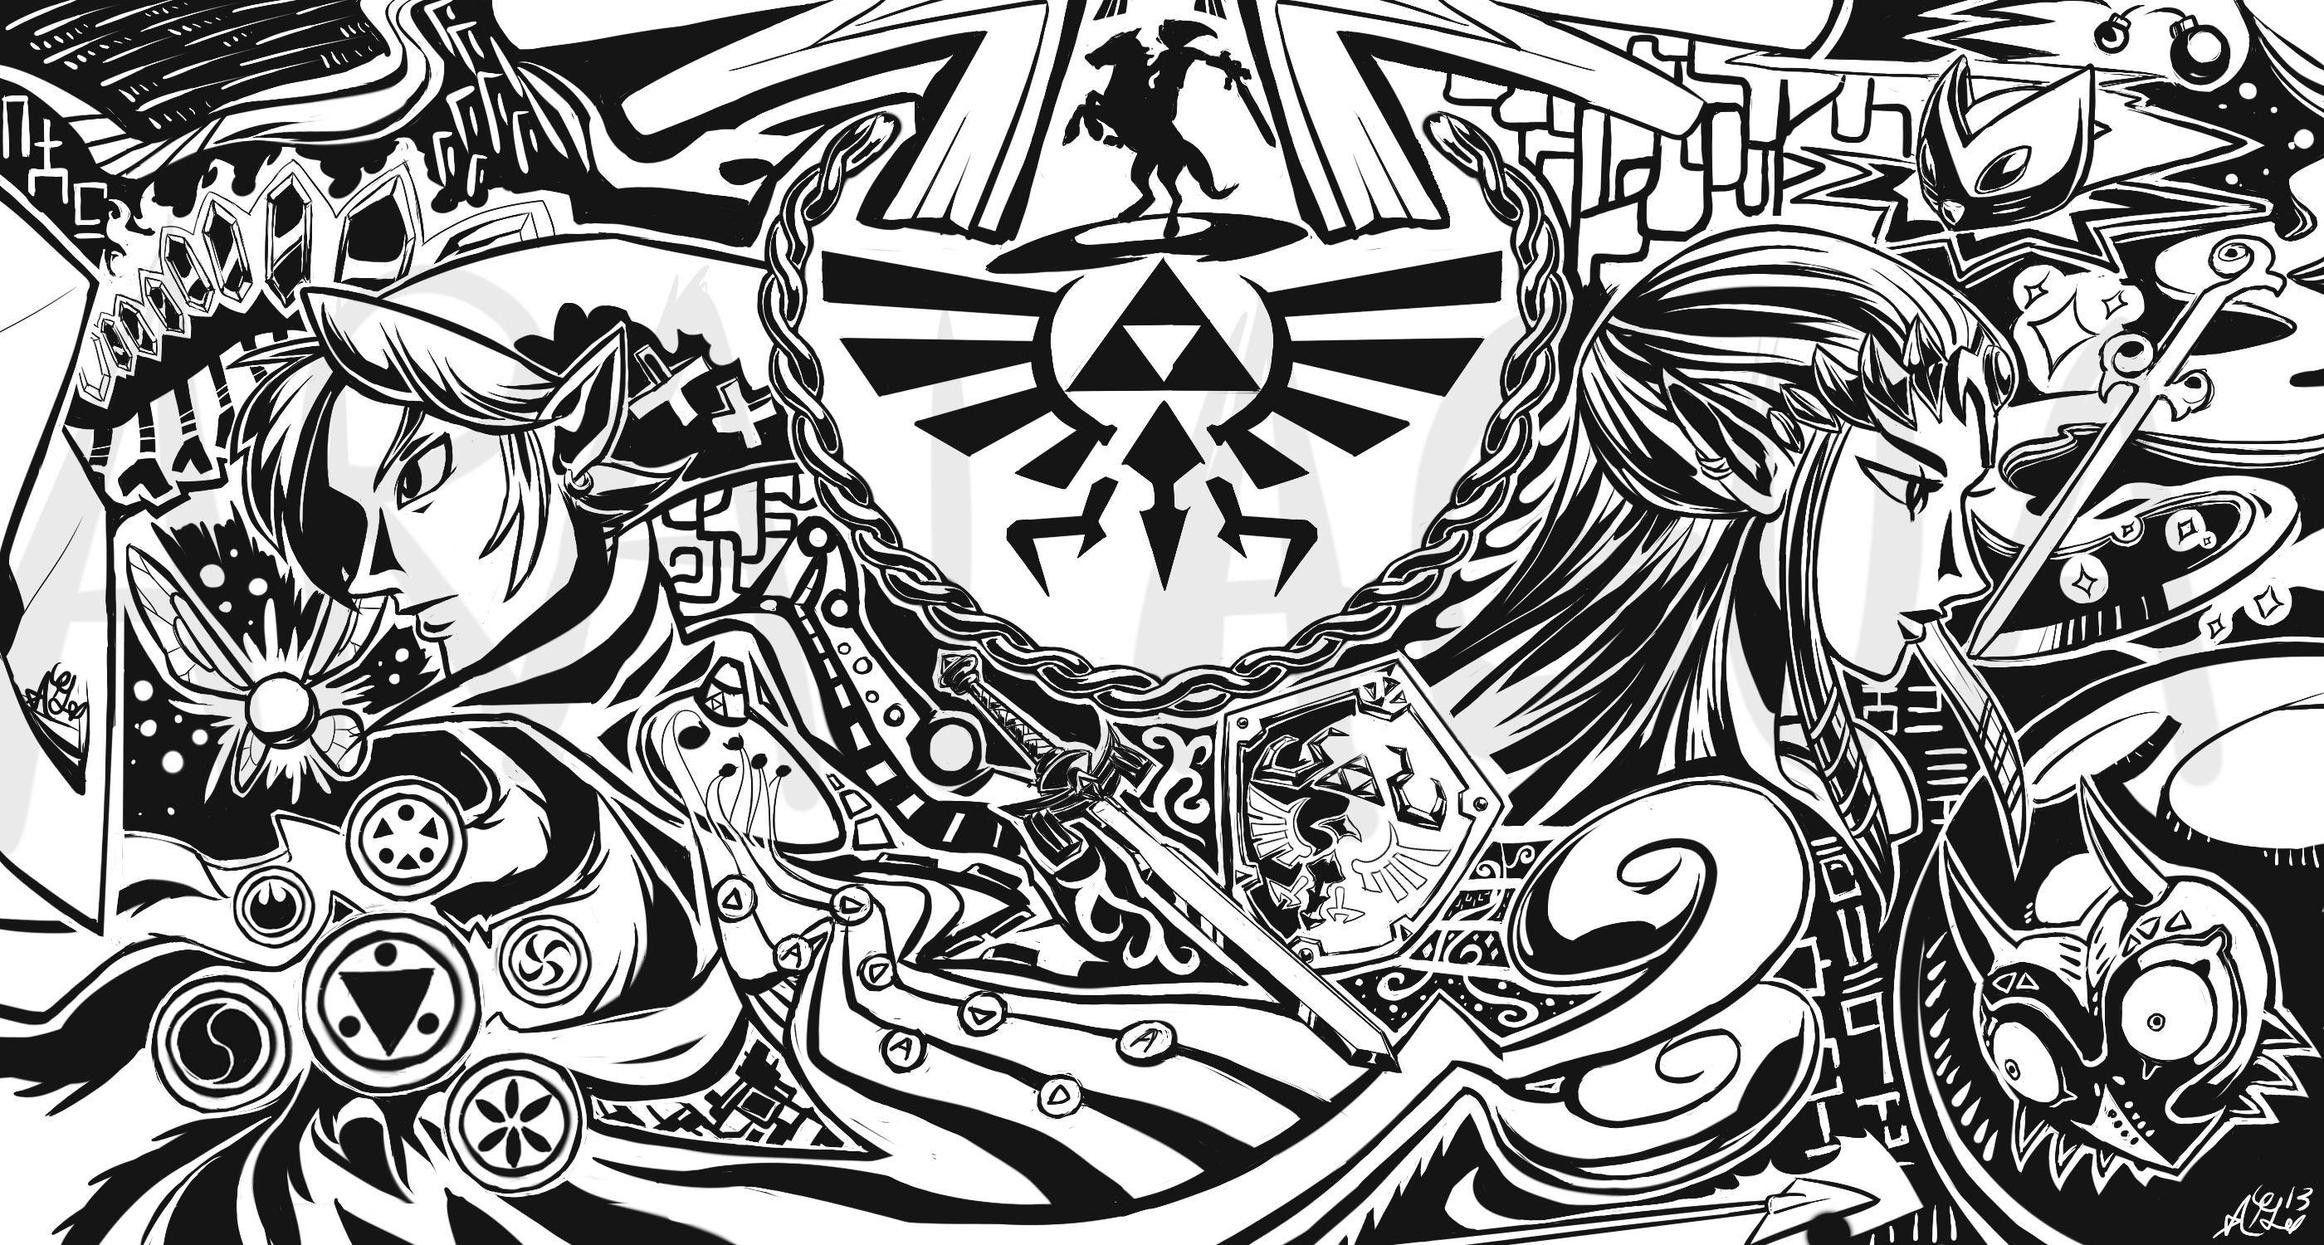 Link triforce Ocarina Of Time The Legend of Zelda Majoras Mask .